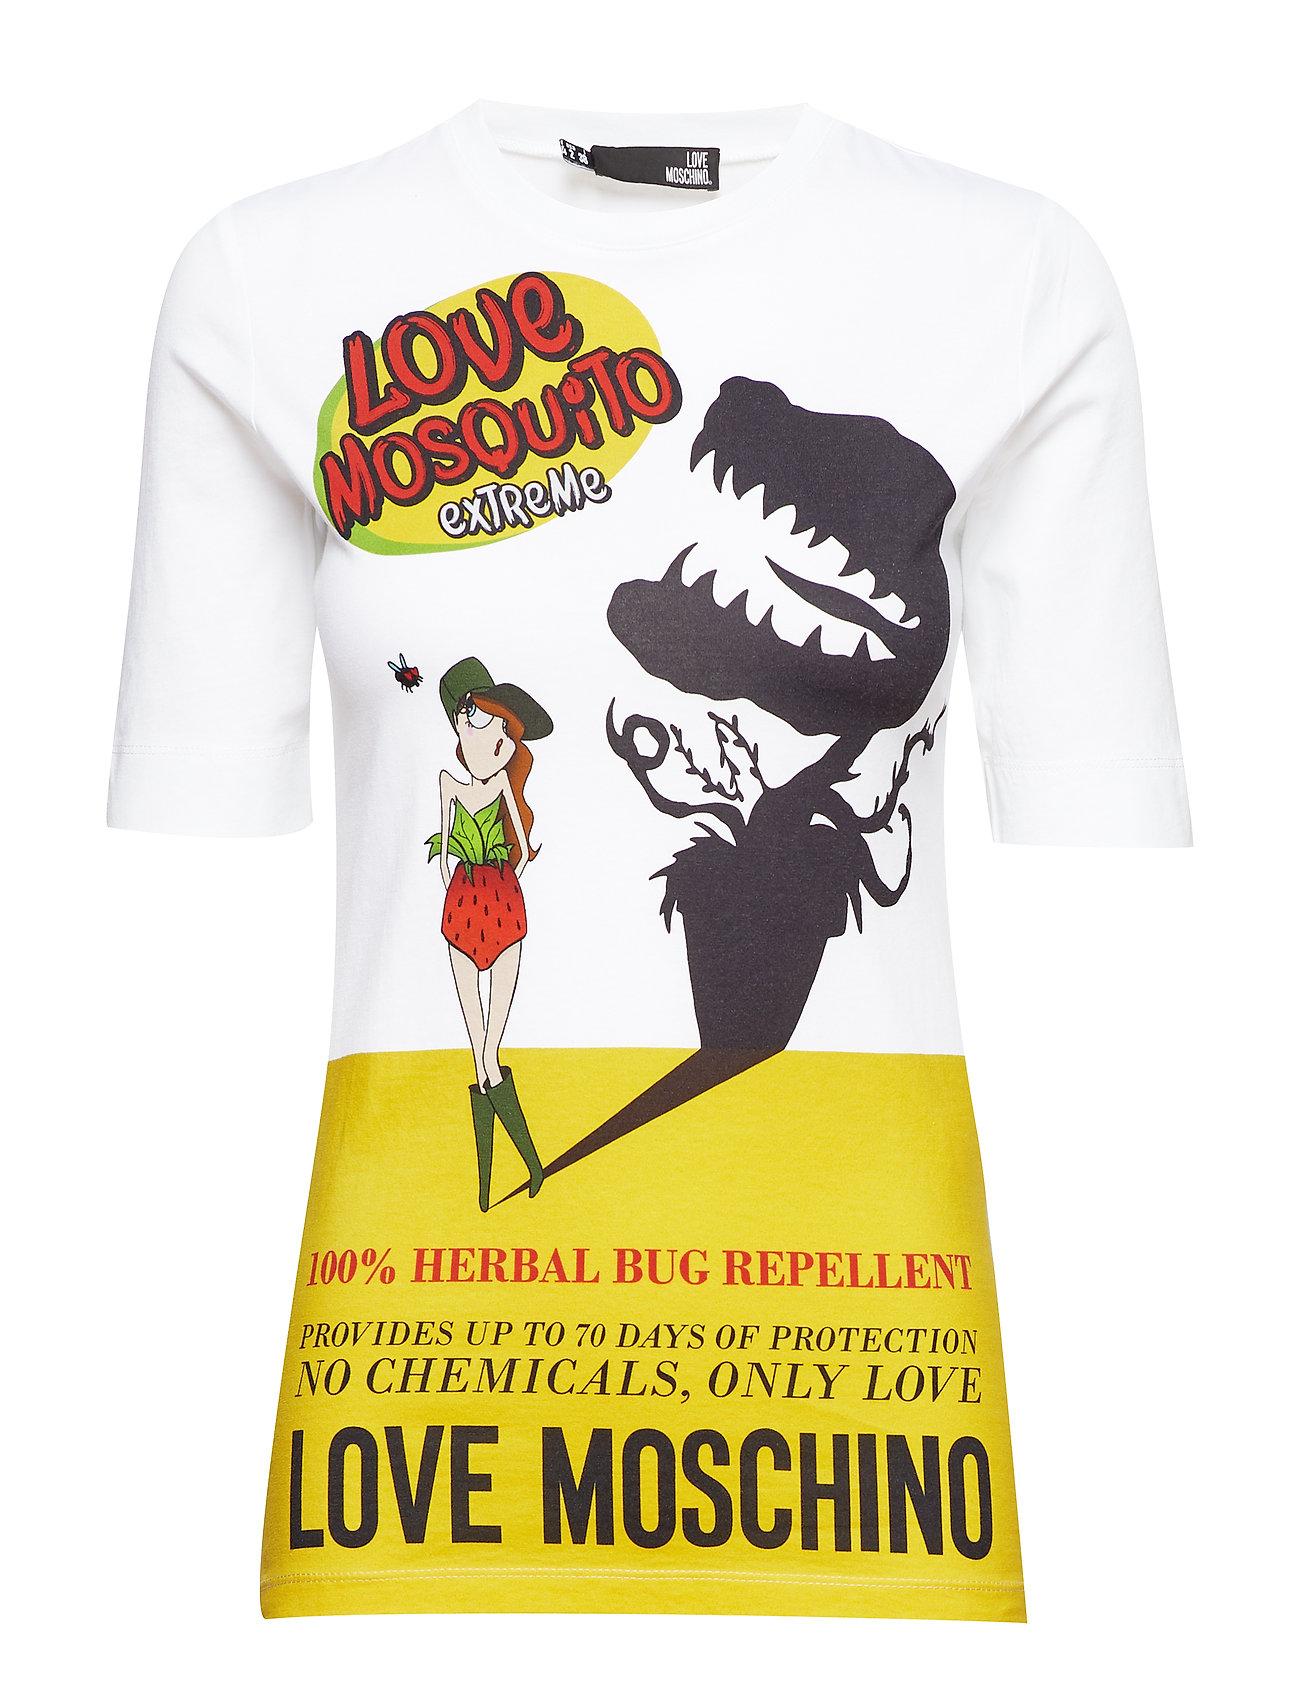 Love Moschino LOVE MOSCHINO-T-SHIRT - WHITE